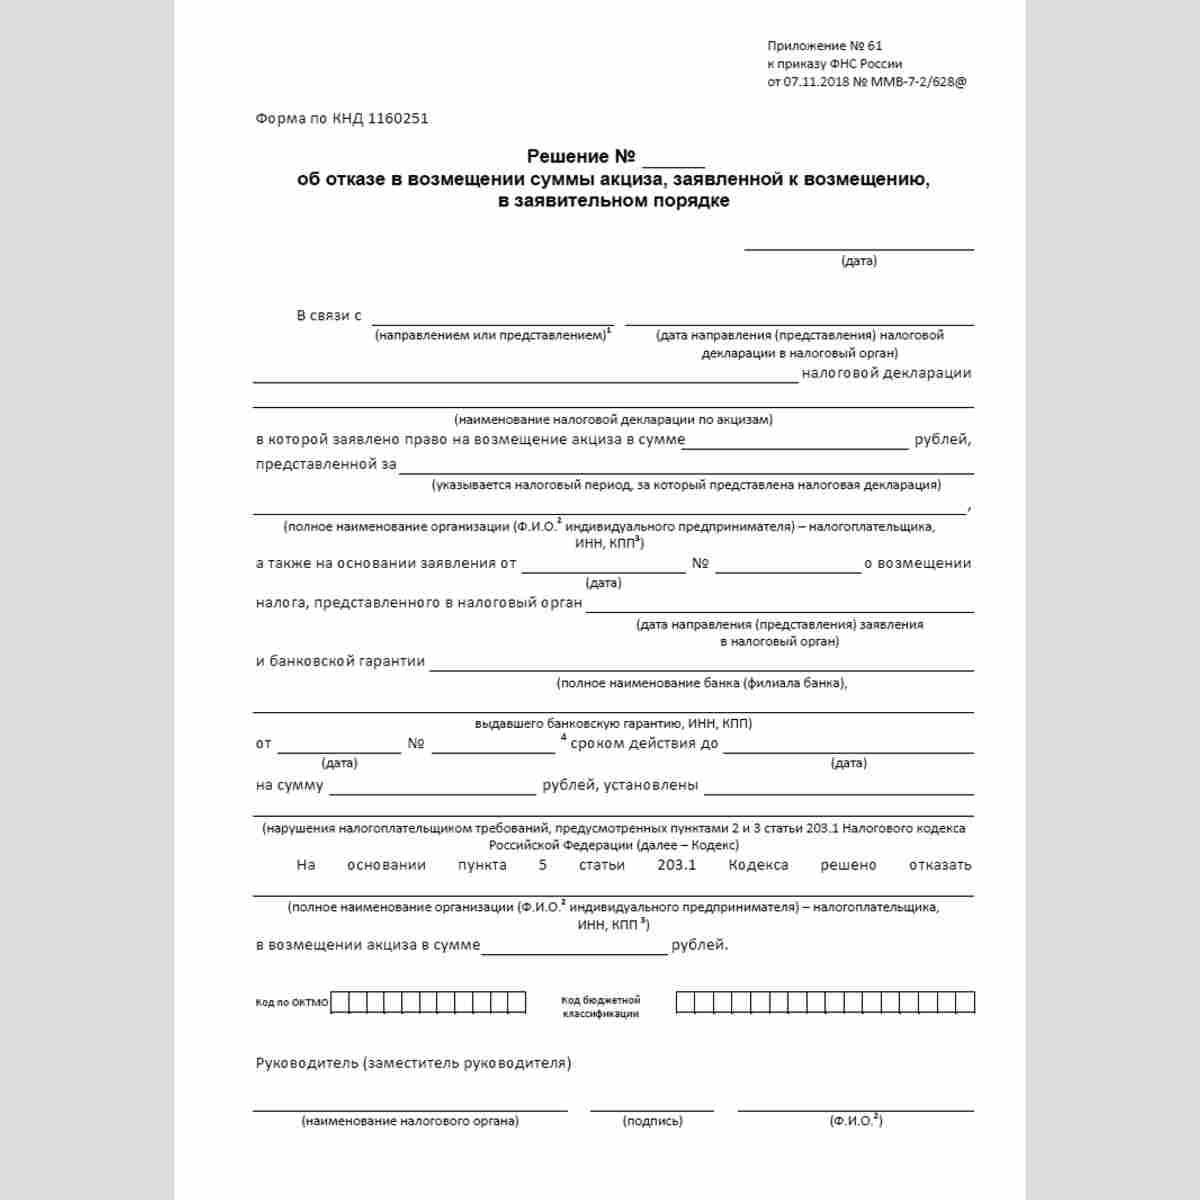 """Форма КНД 1160251 """"Решение об отказе в возмещении суммы акциза, заявленной к возмещению, в заявительном порядке"""". Стр. 1"""